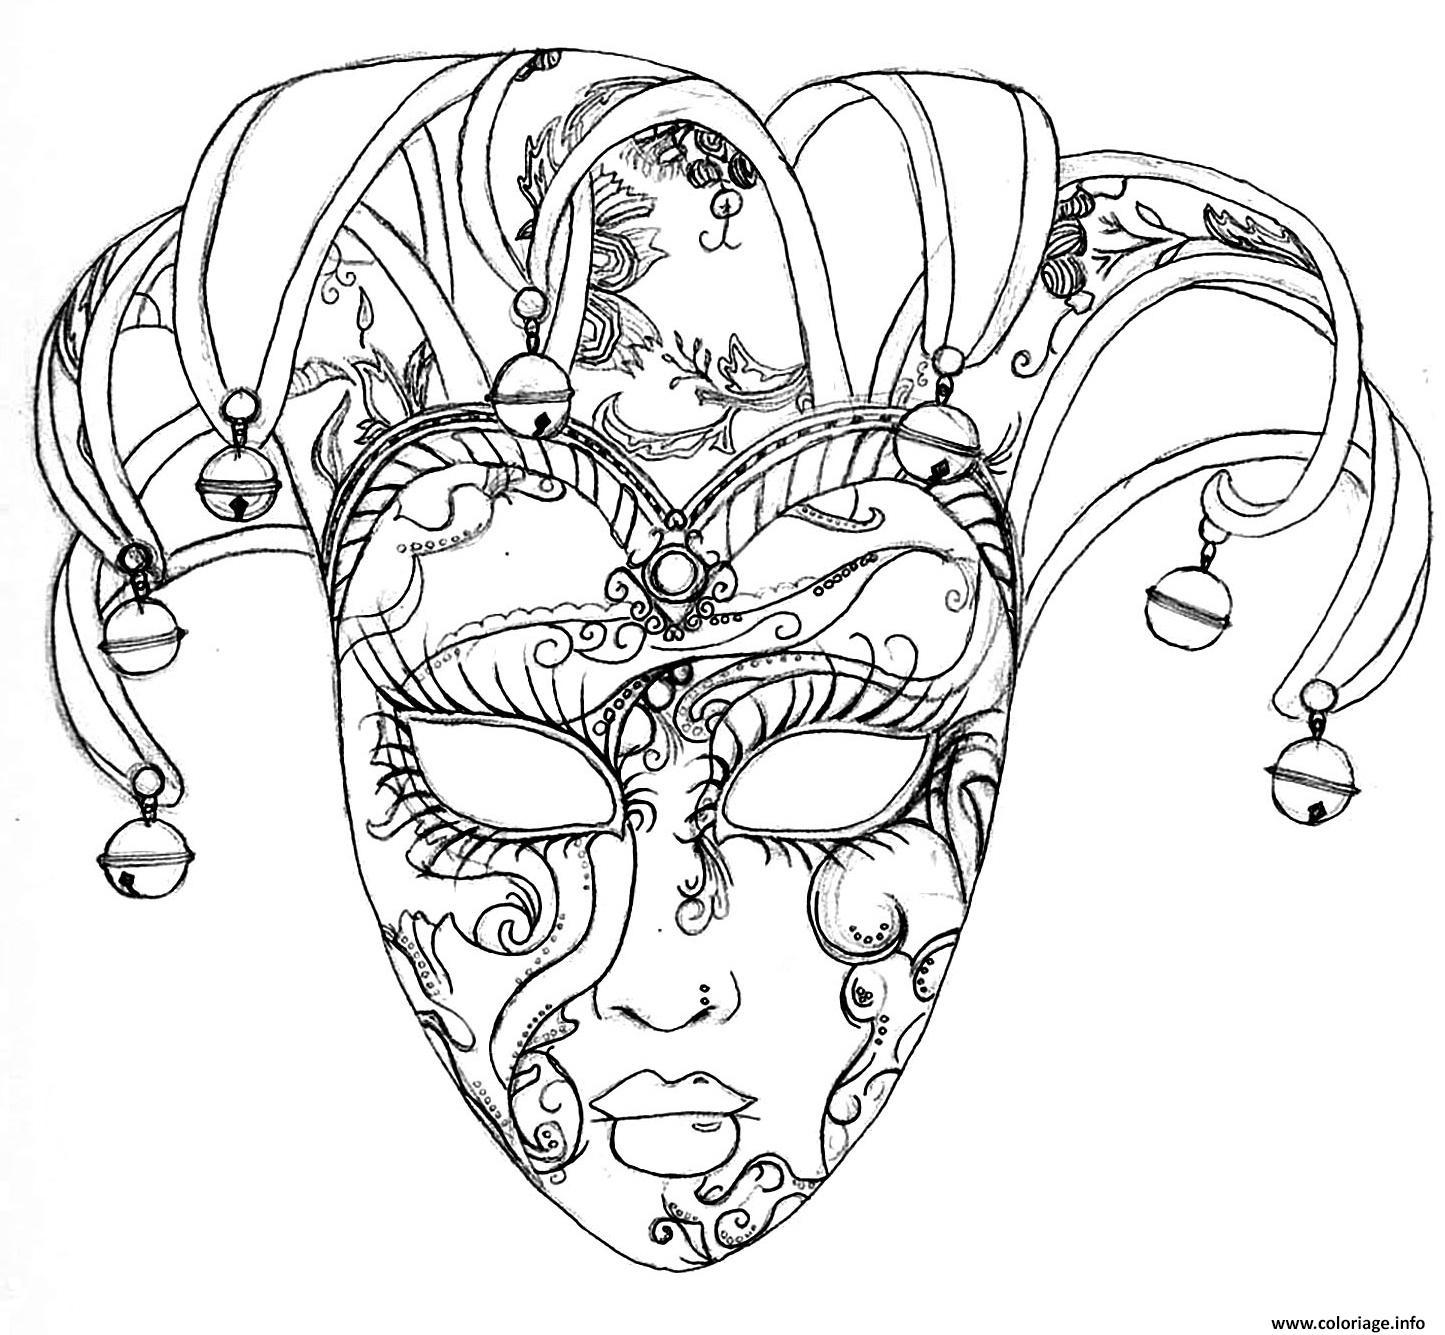 Coloriage Masque Carnaval Venise.Coloriage Masque Du Carnaval De Venise Jecolorie Com